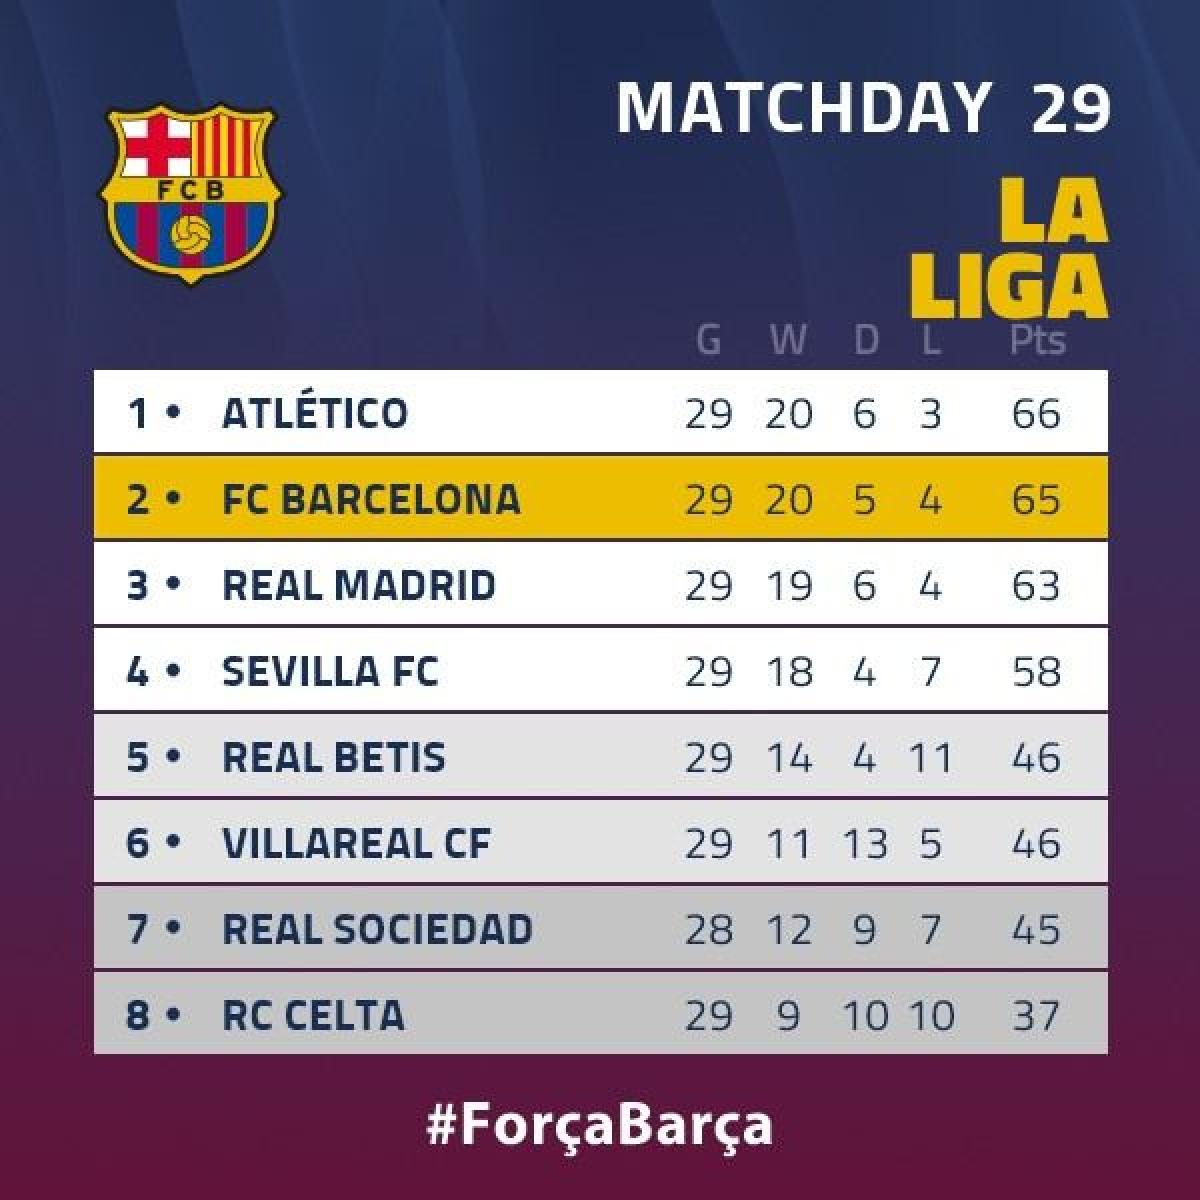 Barca áp sát ngôi đầu La Liga. (Ảnh: FCB)